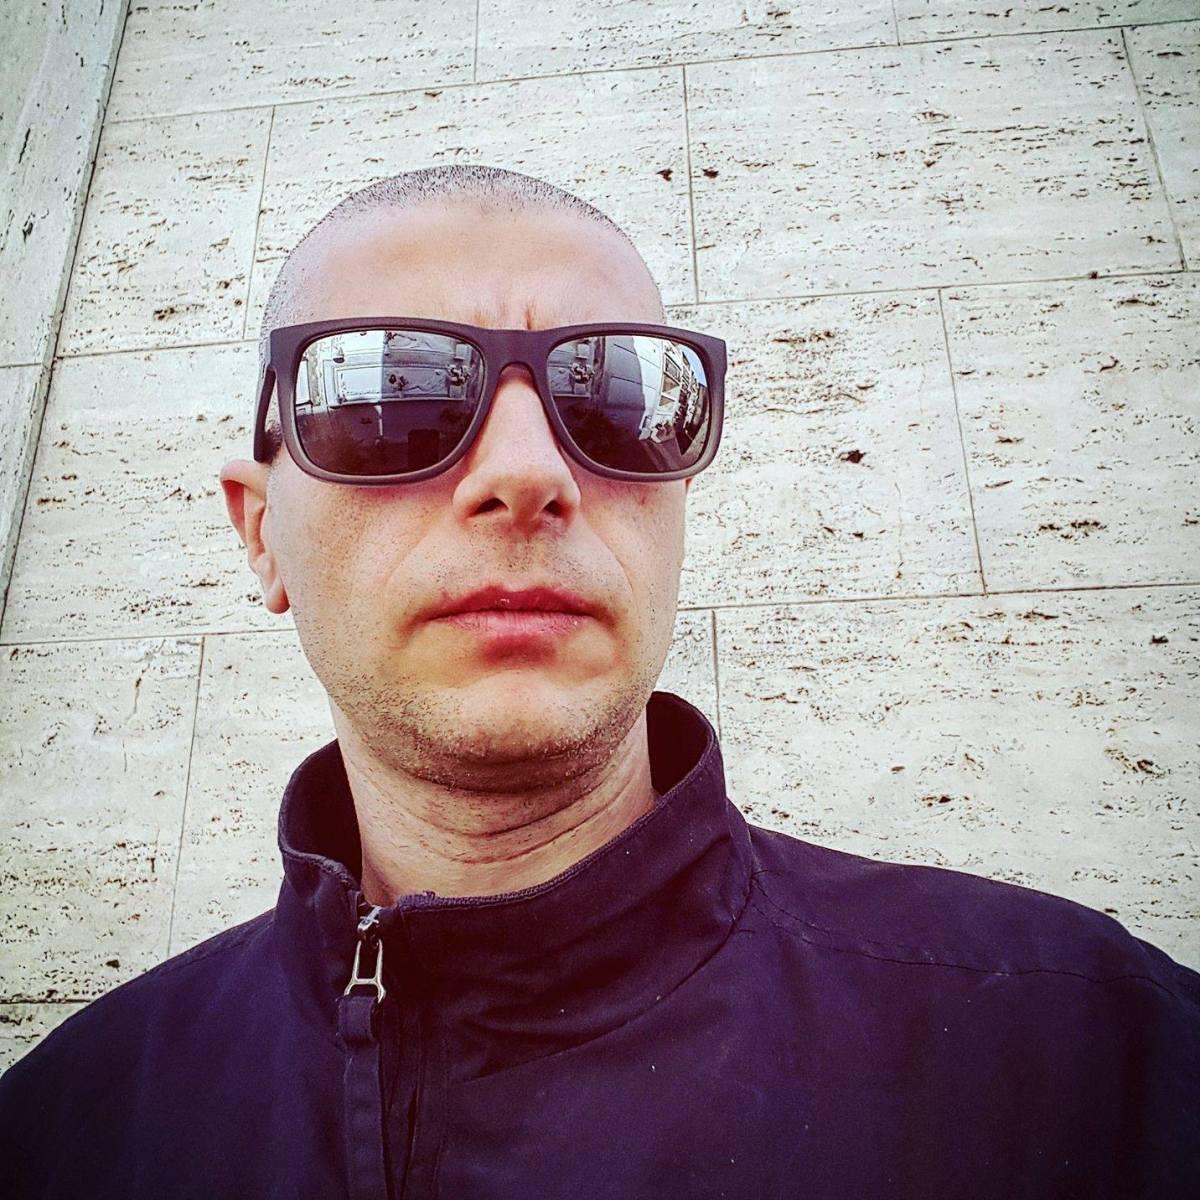 Antonio Todesco